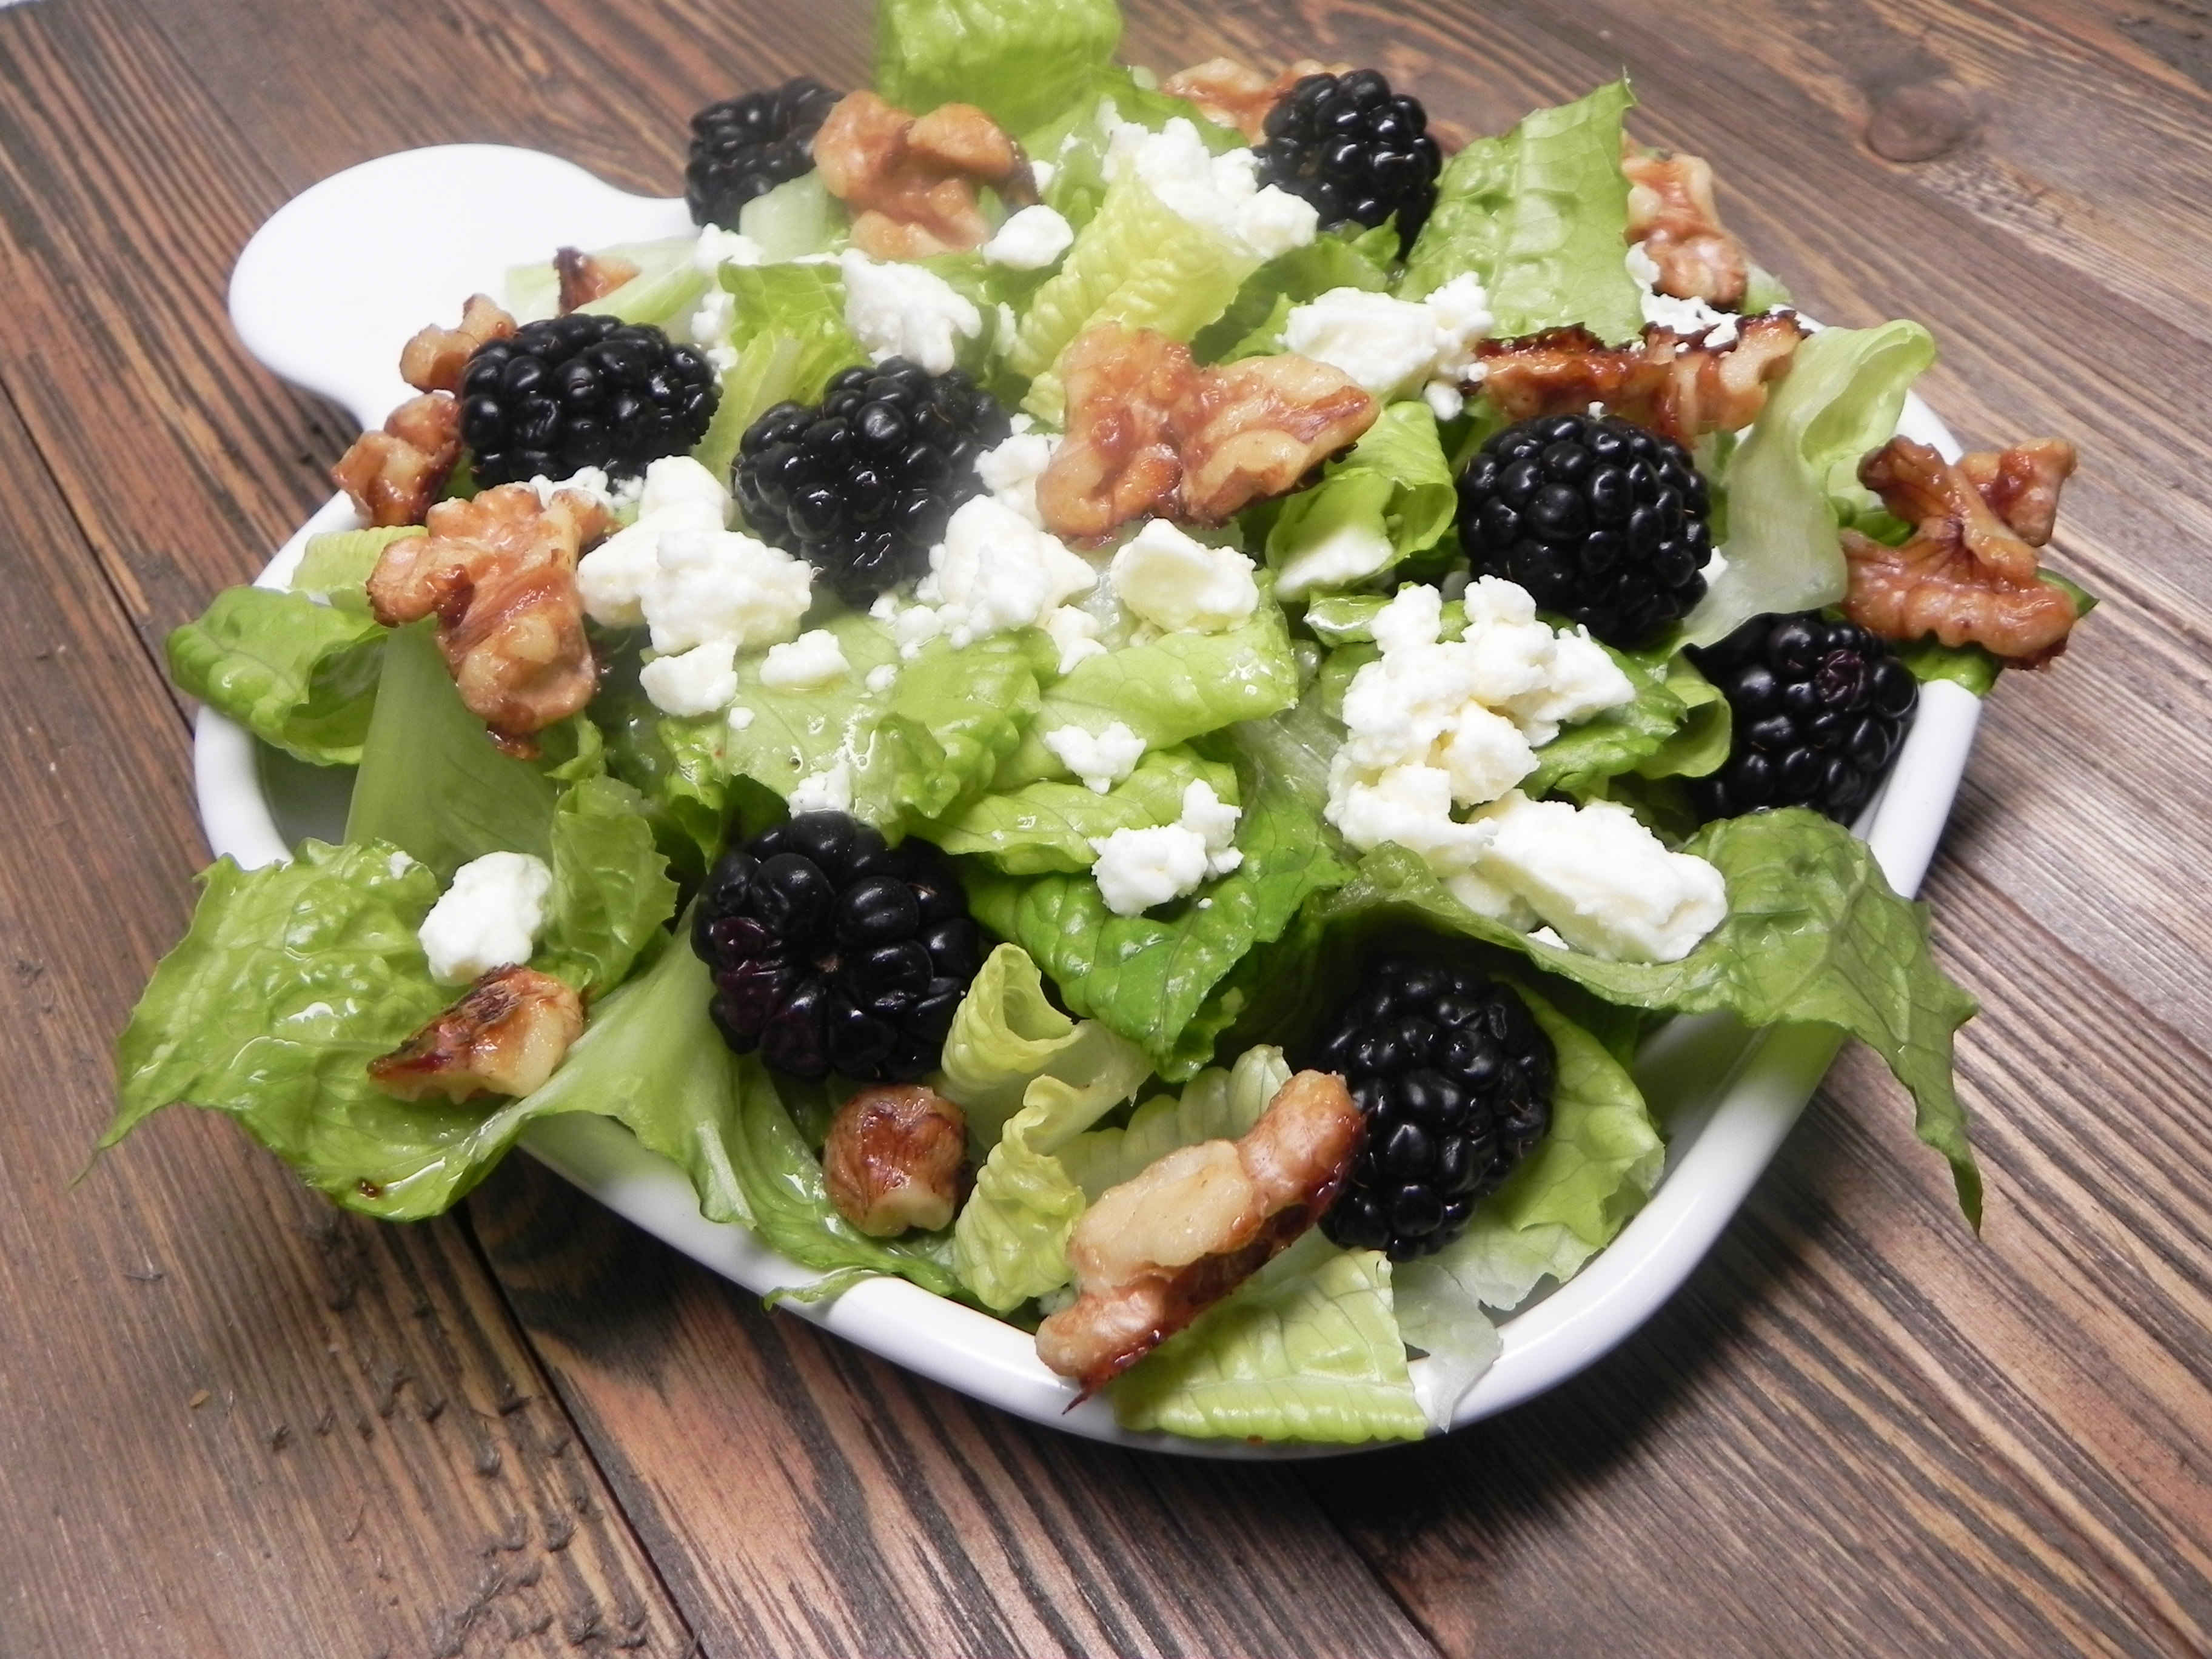 Blackberry Almond Crunch Salad